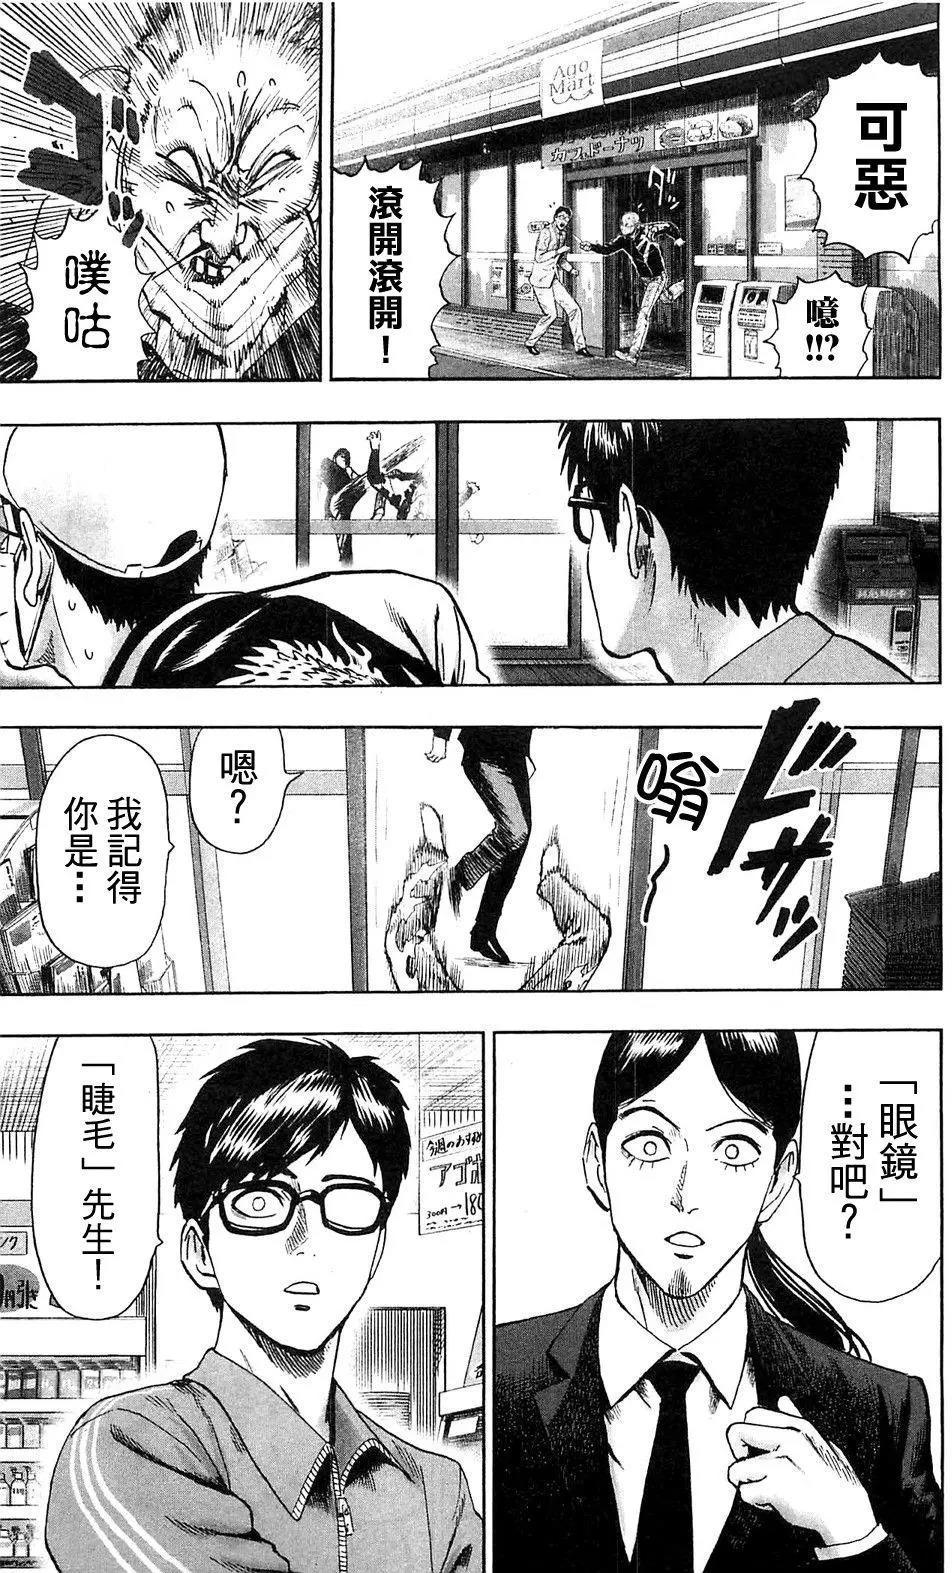 一拳超人漫畫番外篇 單行16卷番外-漫畫DB